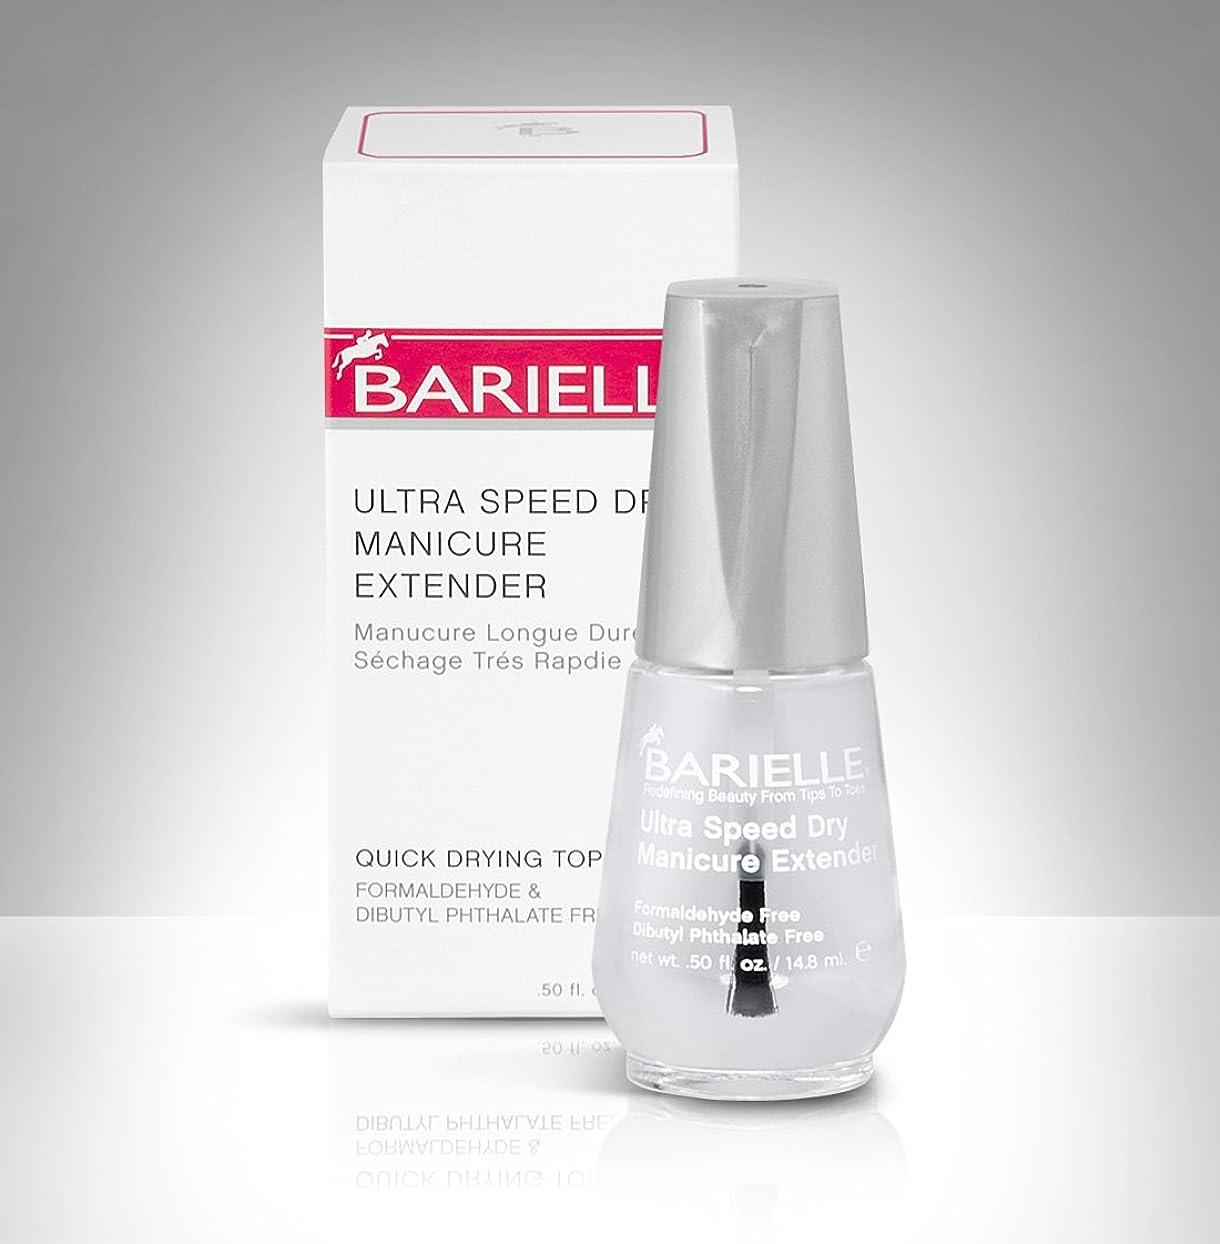 契約する冷淡な優雅BARIELLE バリエル ウルトラ スピードドライ 14.8ml トップコート Ultra Speed Dry manicure Extender 1014 New York 【正規輸入店】